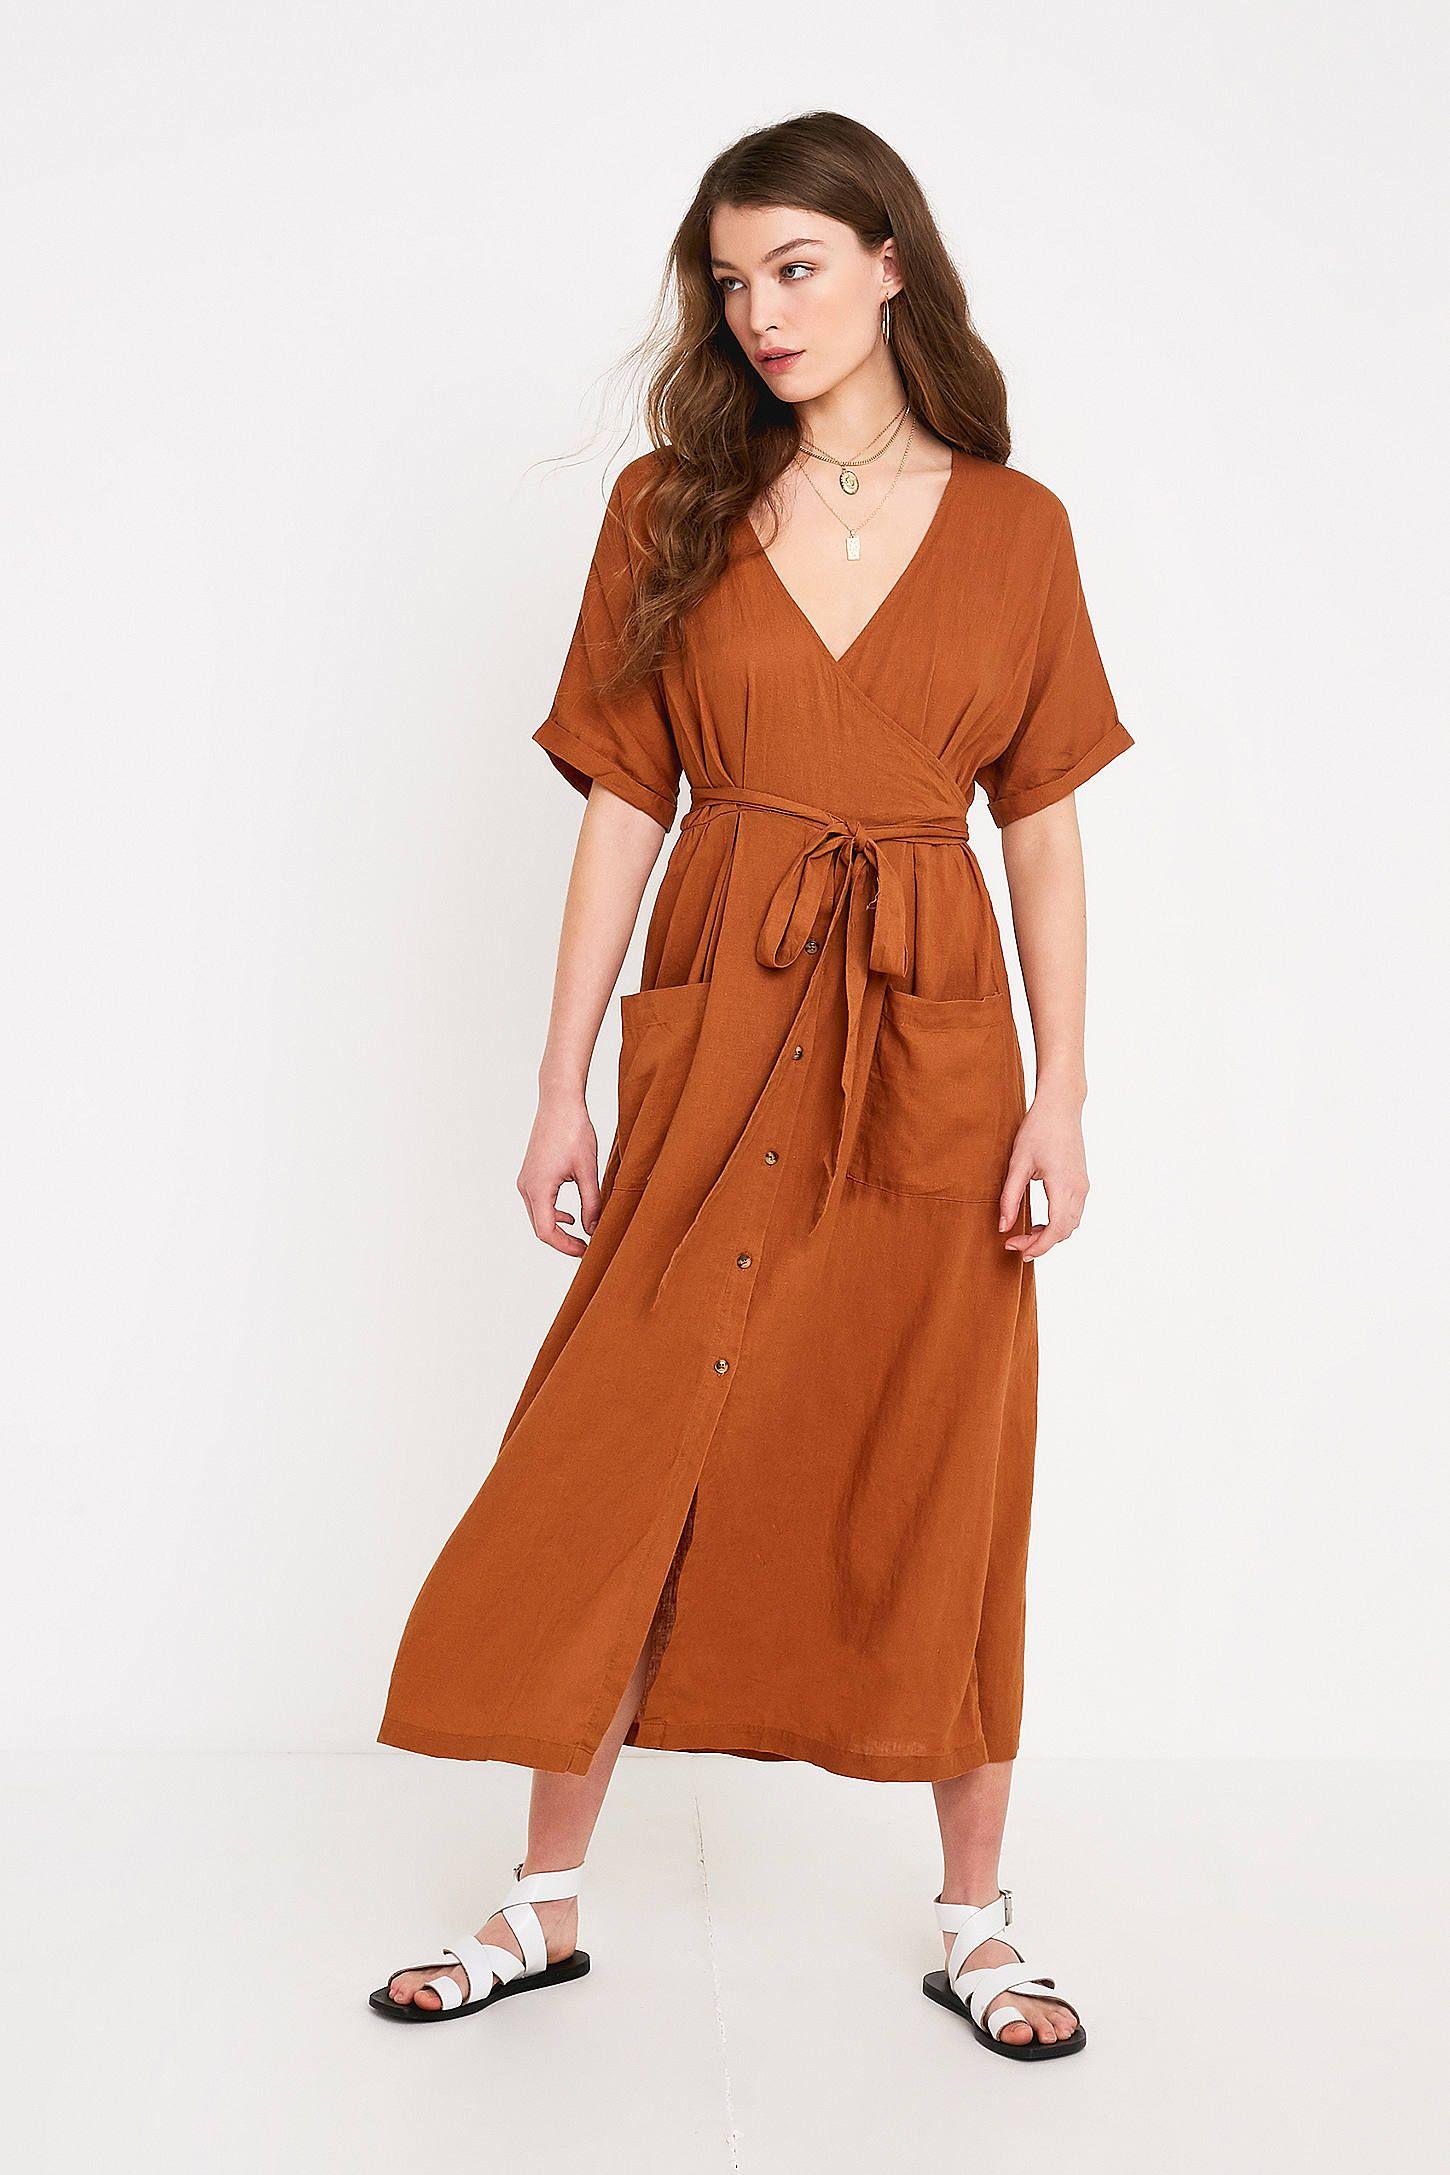 Uo Isabelle Tan Linen Midi Dress Linen Midi Dress Midi Dress Urban Dresses [ 2175 x 1450 Pixel ]